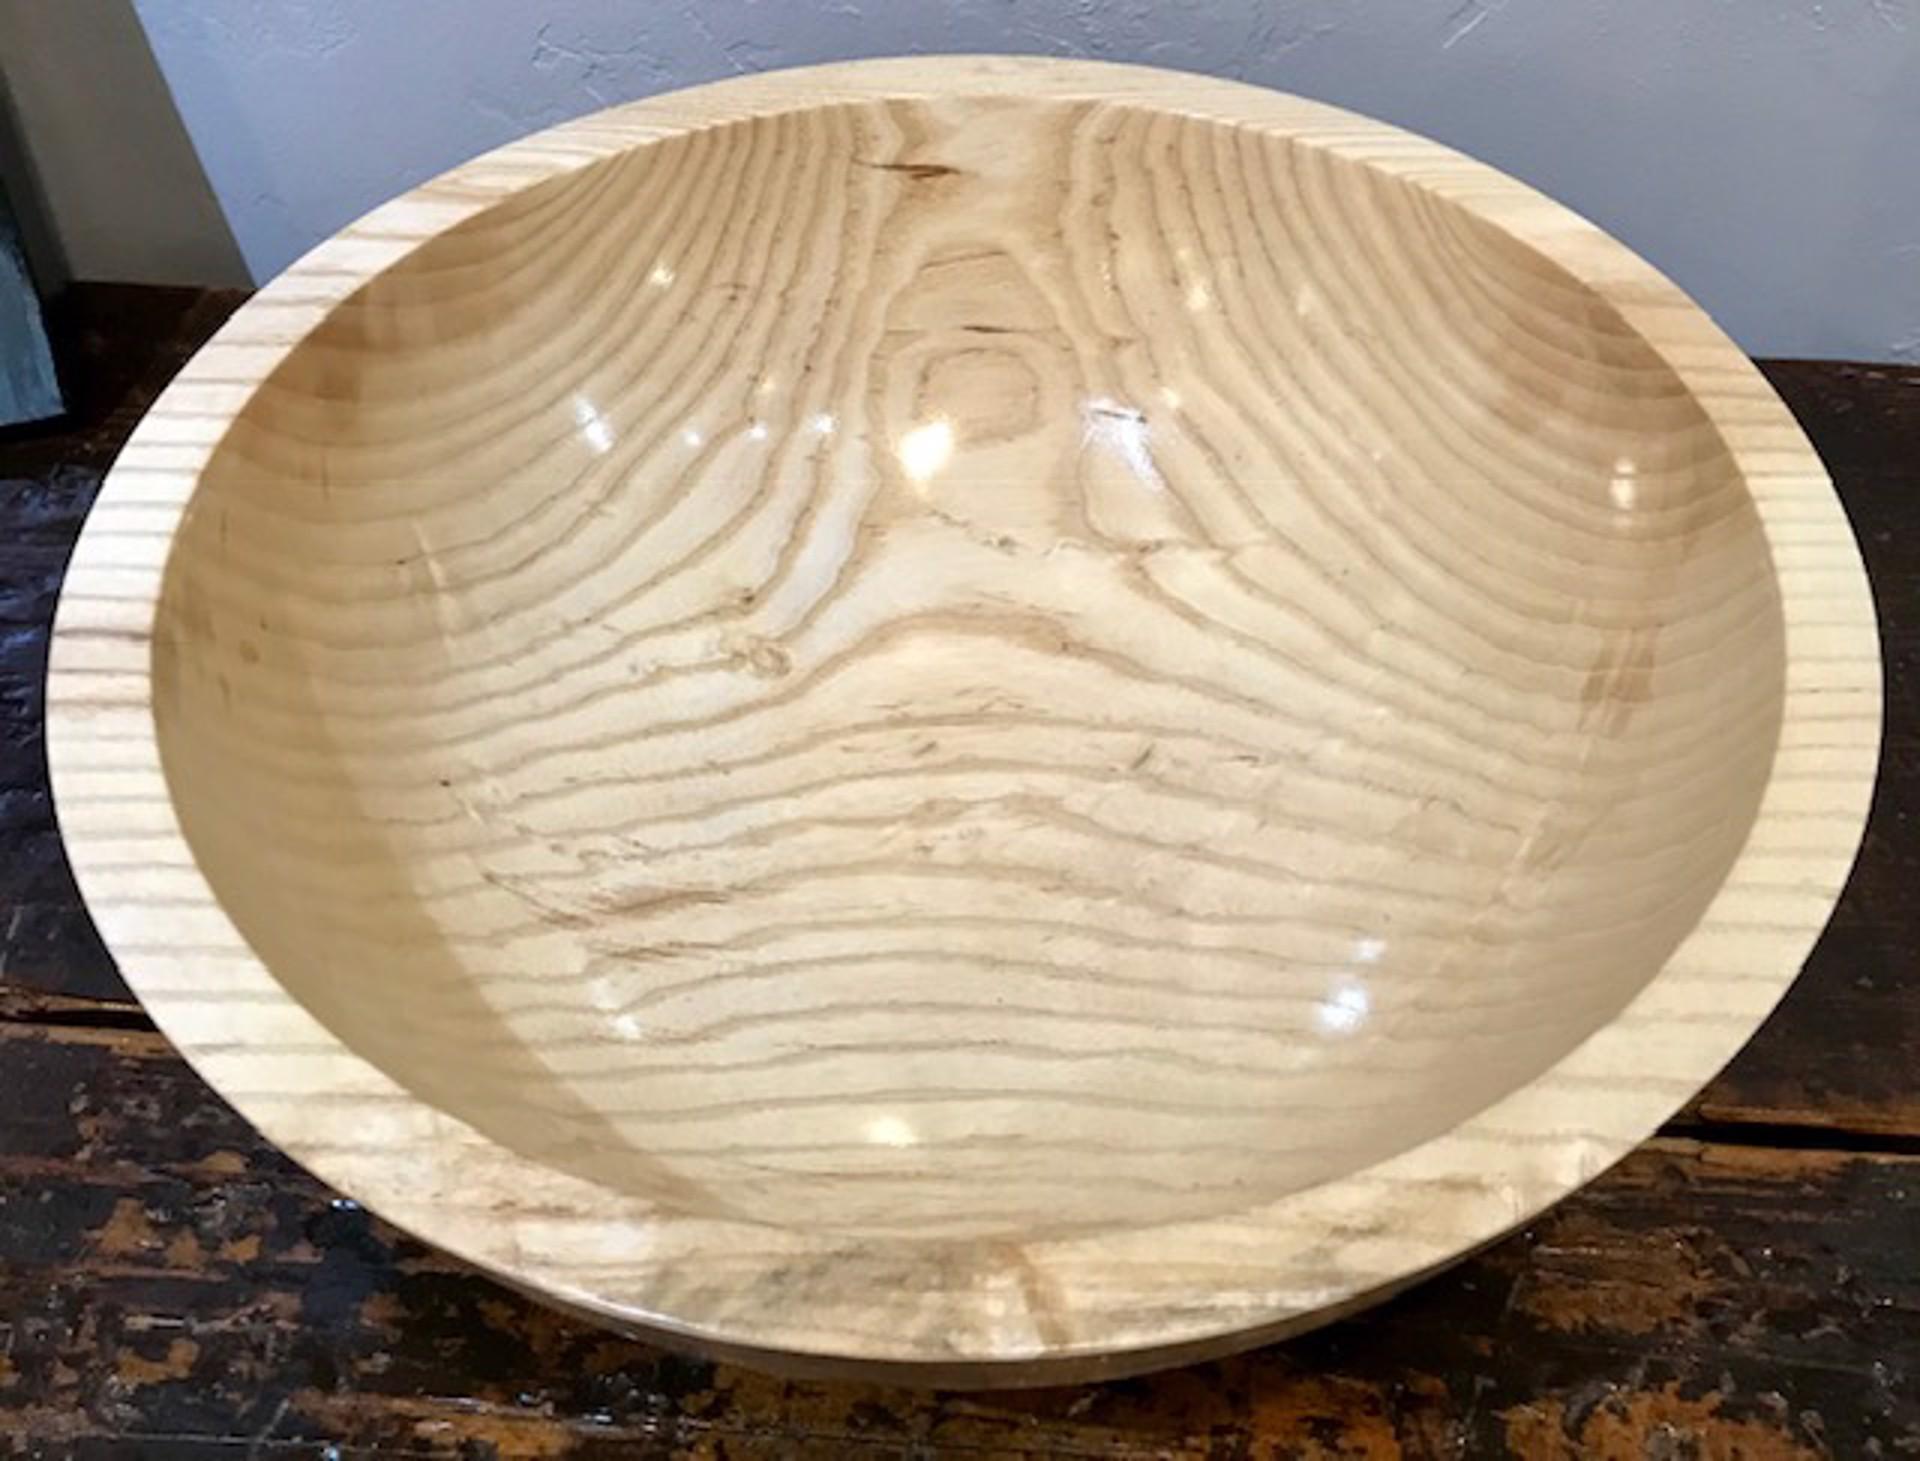 Ash Bowl With Walnut Base by Brian Higgins